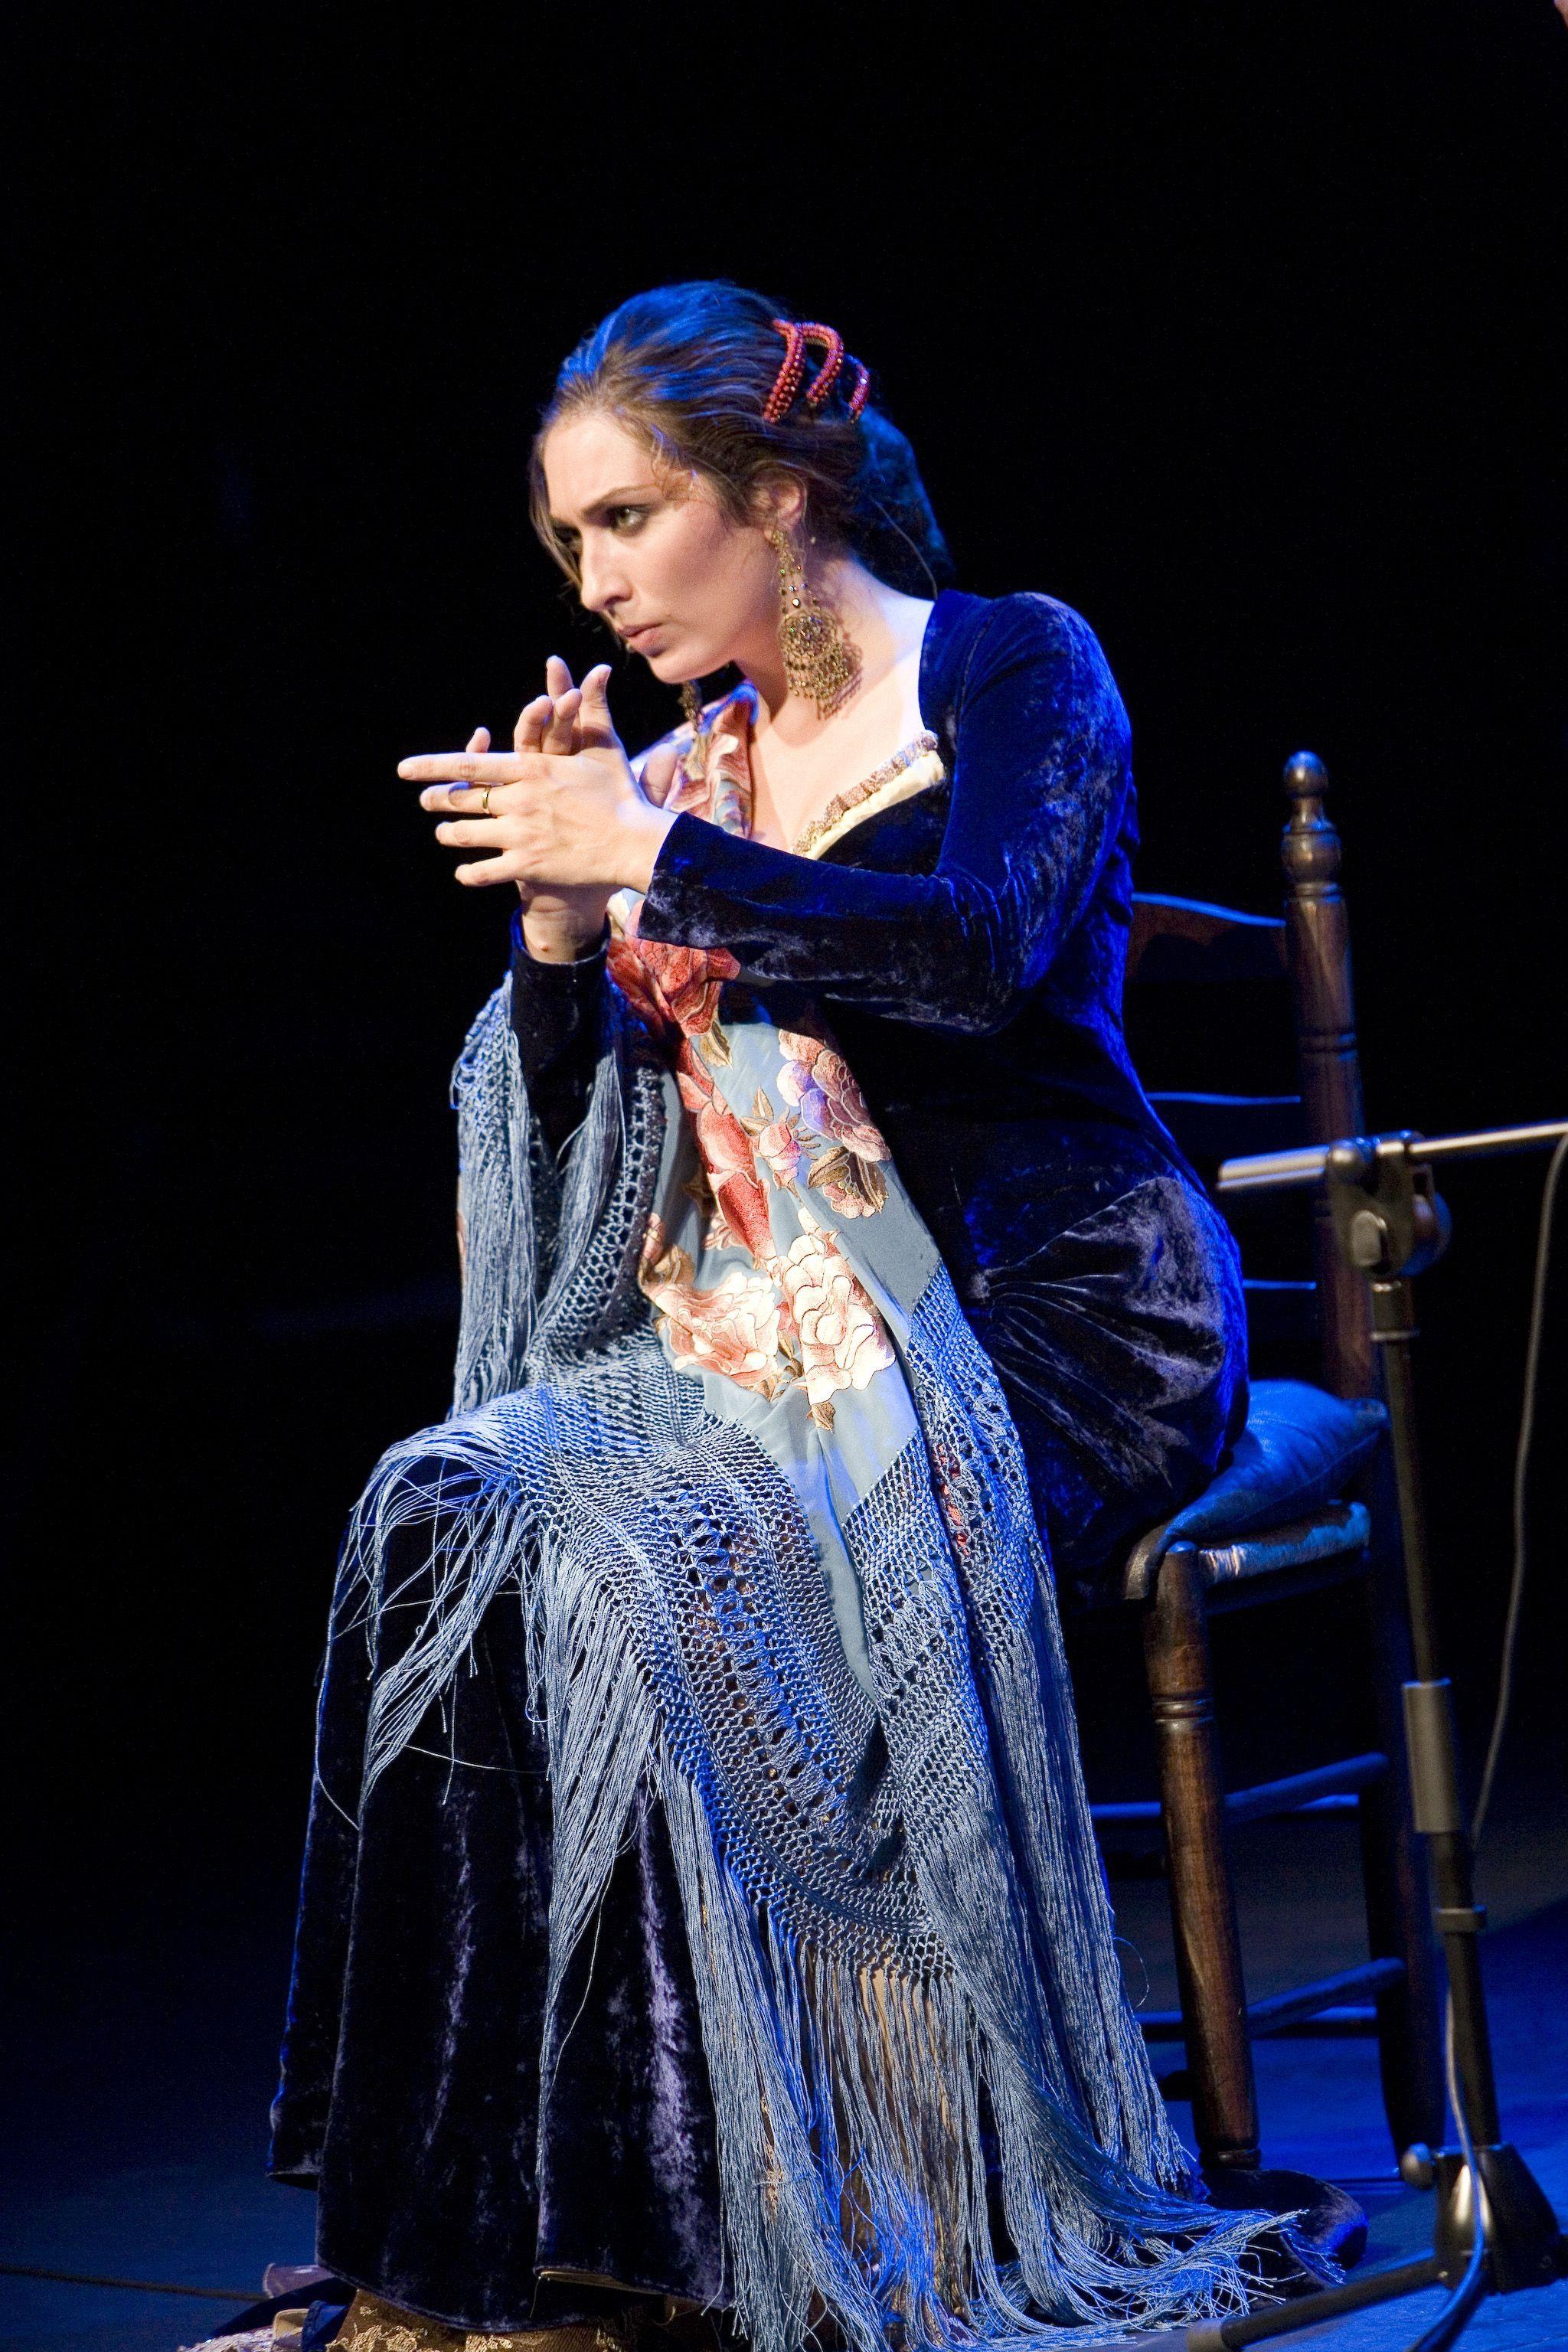 Próximamente Flamenco, Flamenco dancing, Flamenco dress